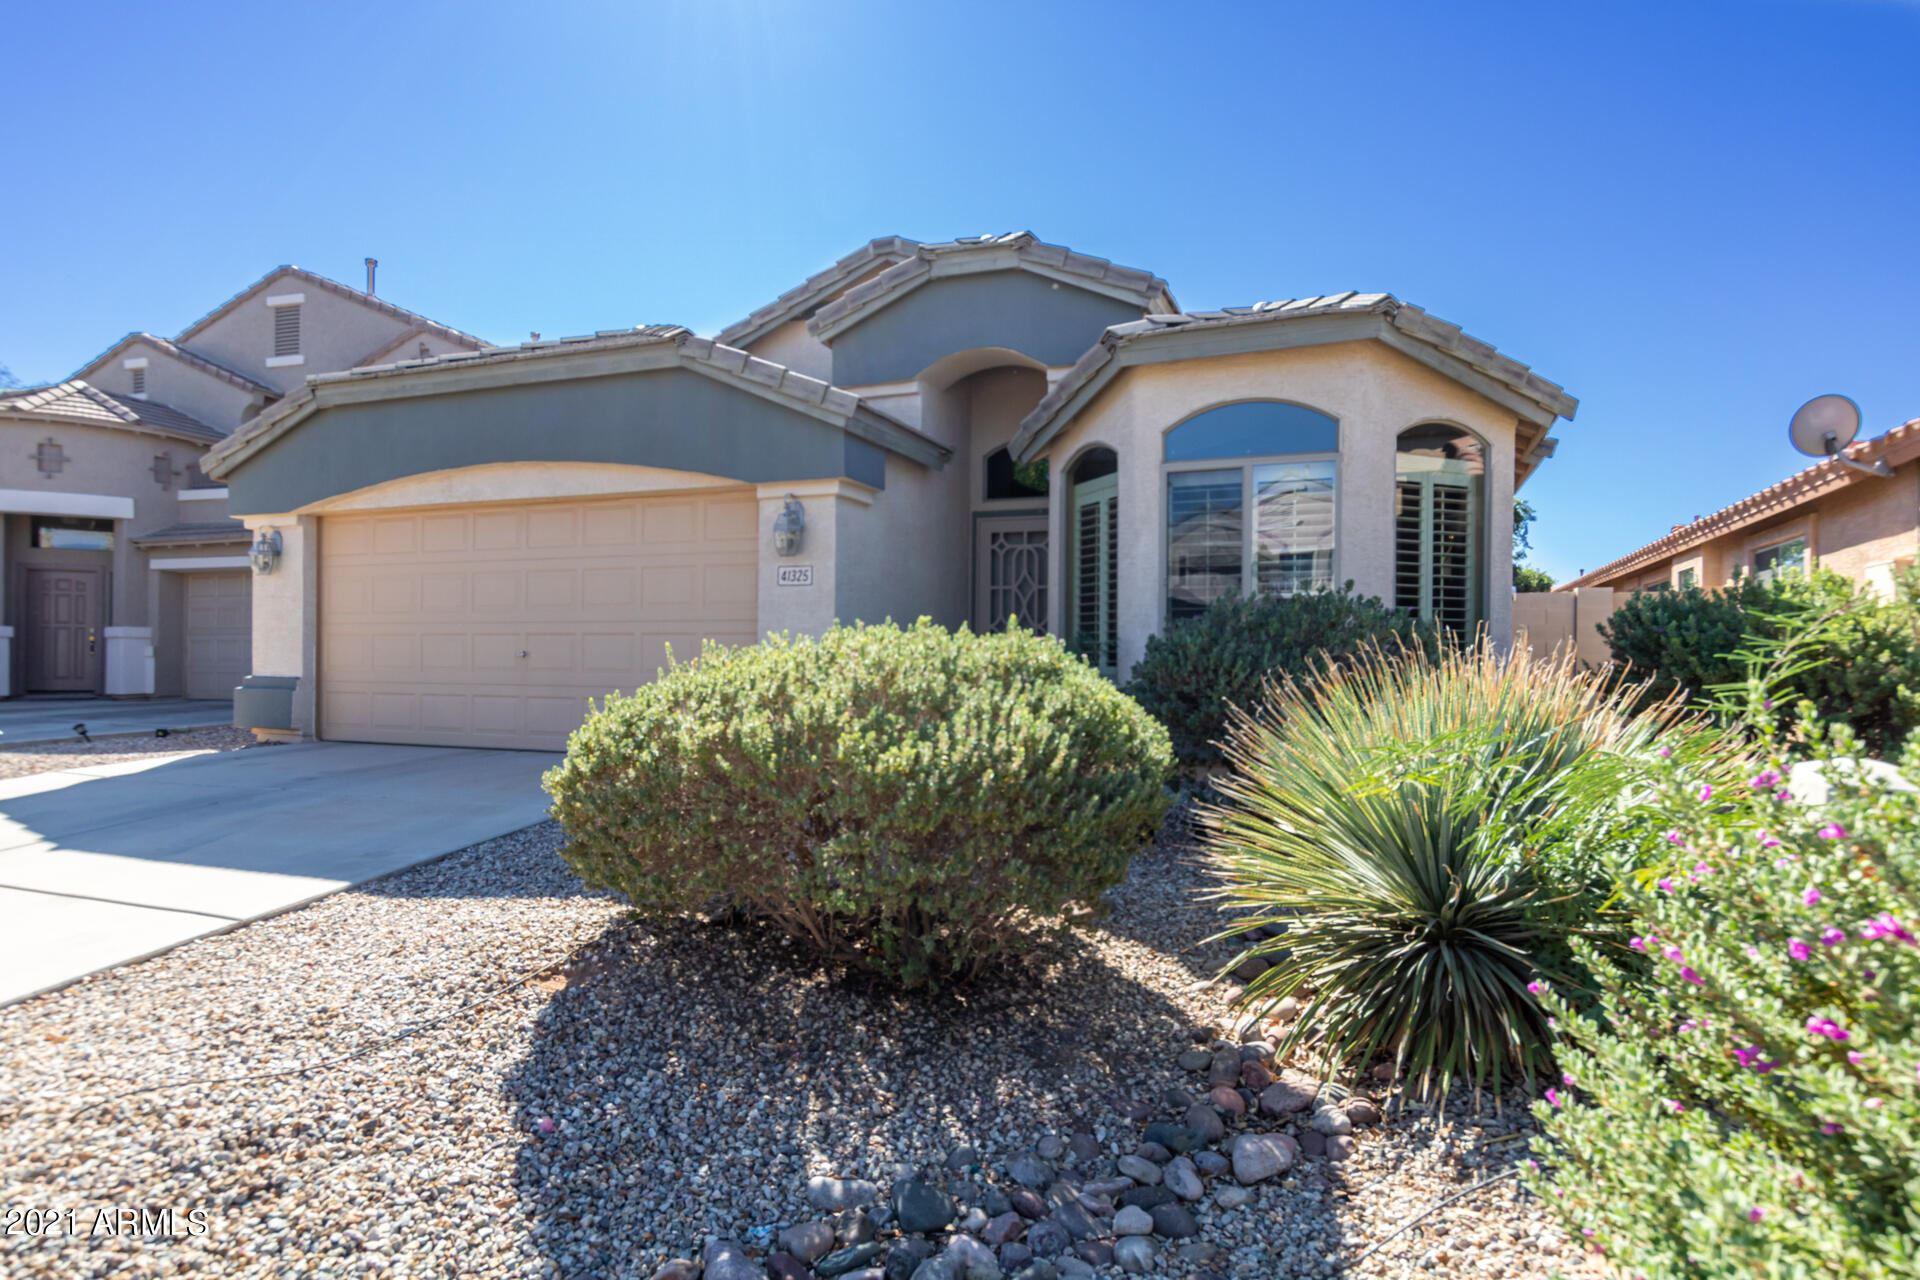 Photo of 41325 W WALKER Way, Maricopa, AZ 85138 (MLS # 6306686)